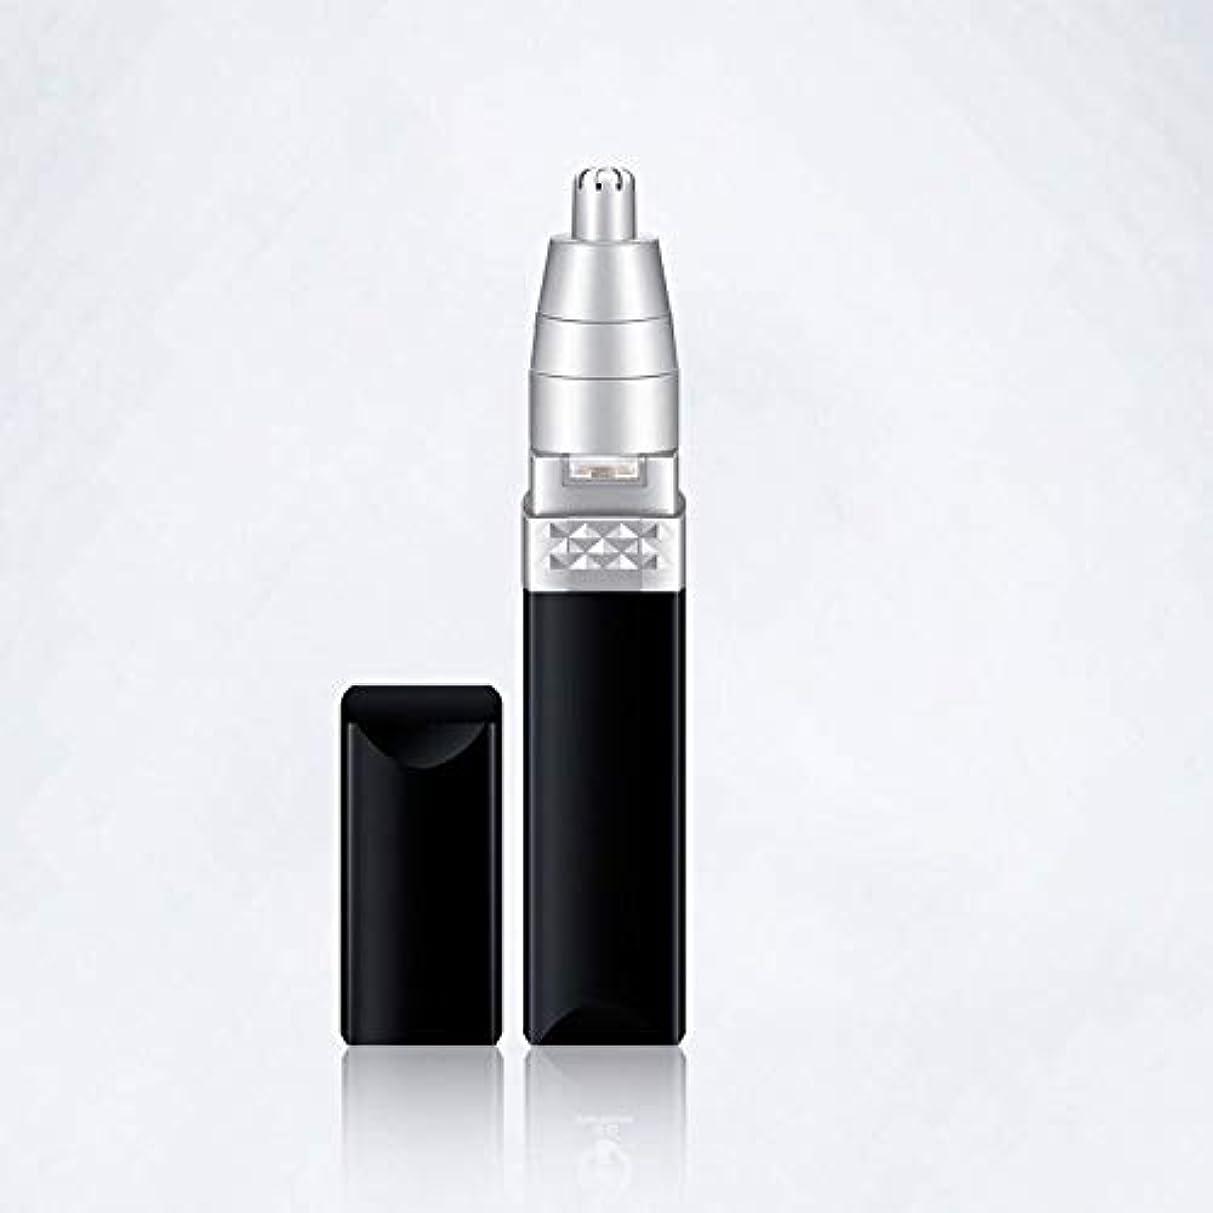 敬意洗うブラウズノーズヘアトリマー-電気トリムヘッドは持ち運びが簡単で、/皮膚を傷つけません/赤外線デザインコンパクトで軽量な隠しスイッチ/持ち運びが簡単な取り外し可能なボディ/ 24 * 26 * 107CM 操作が簡単